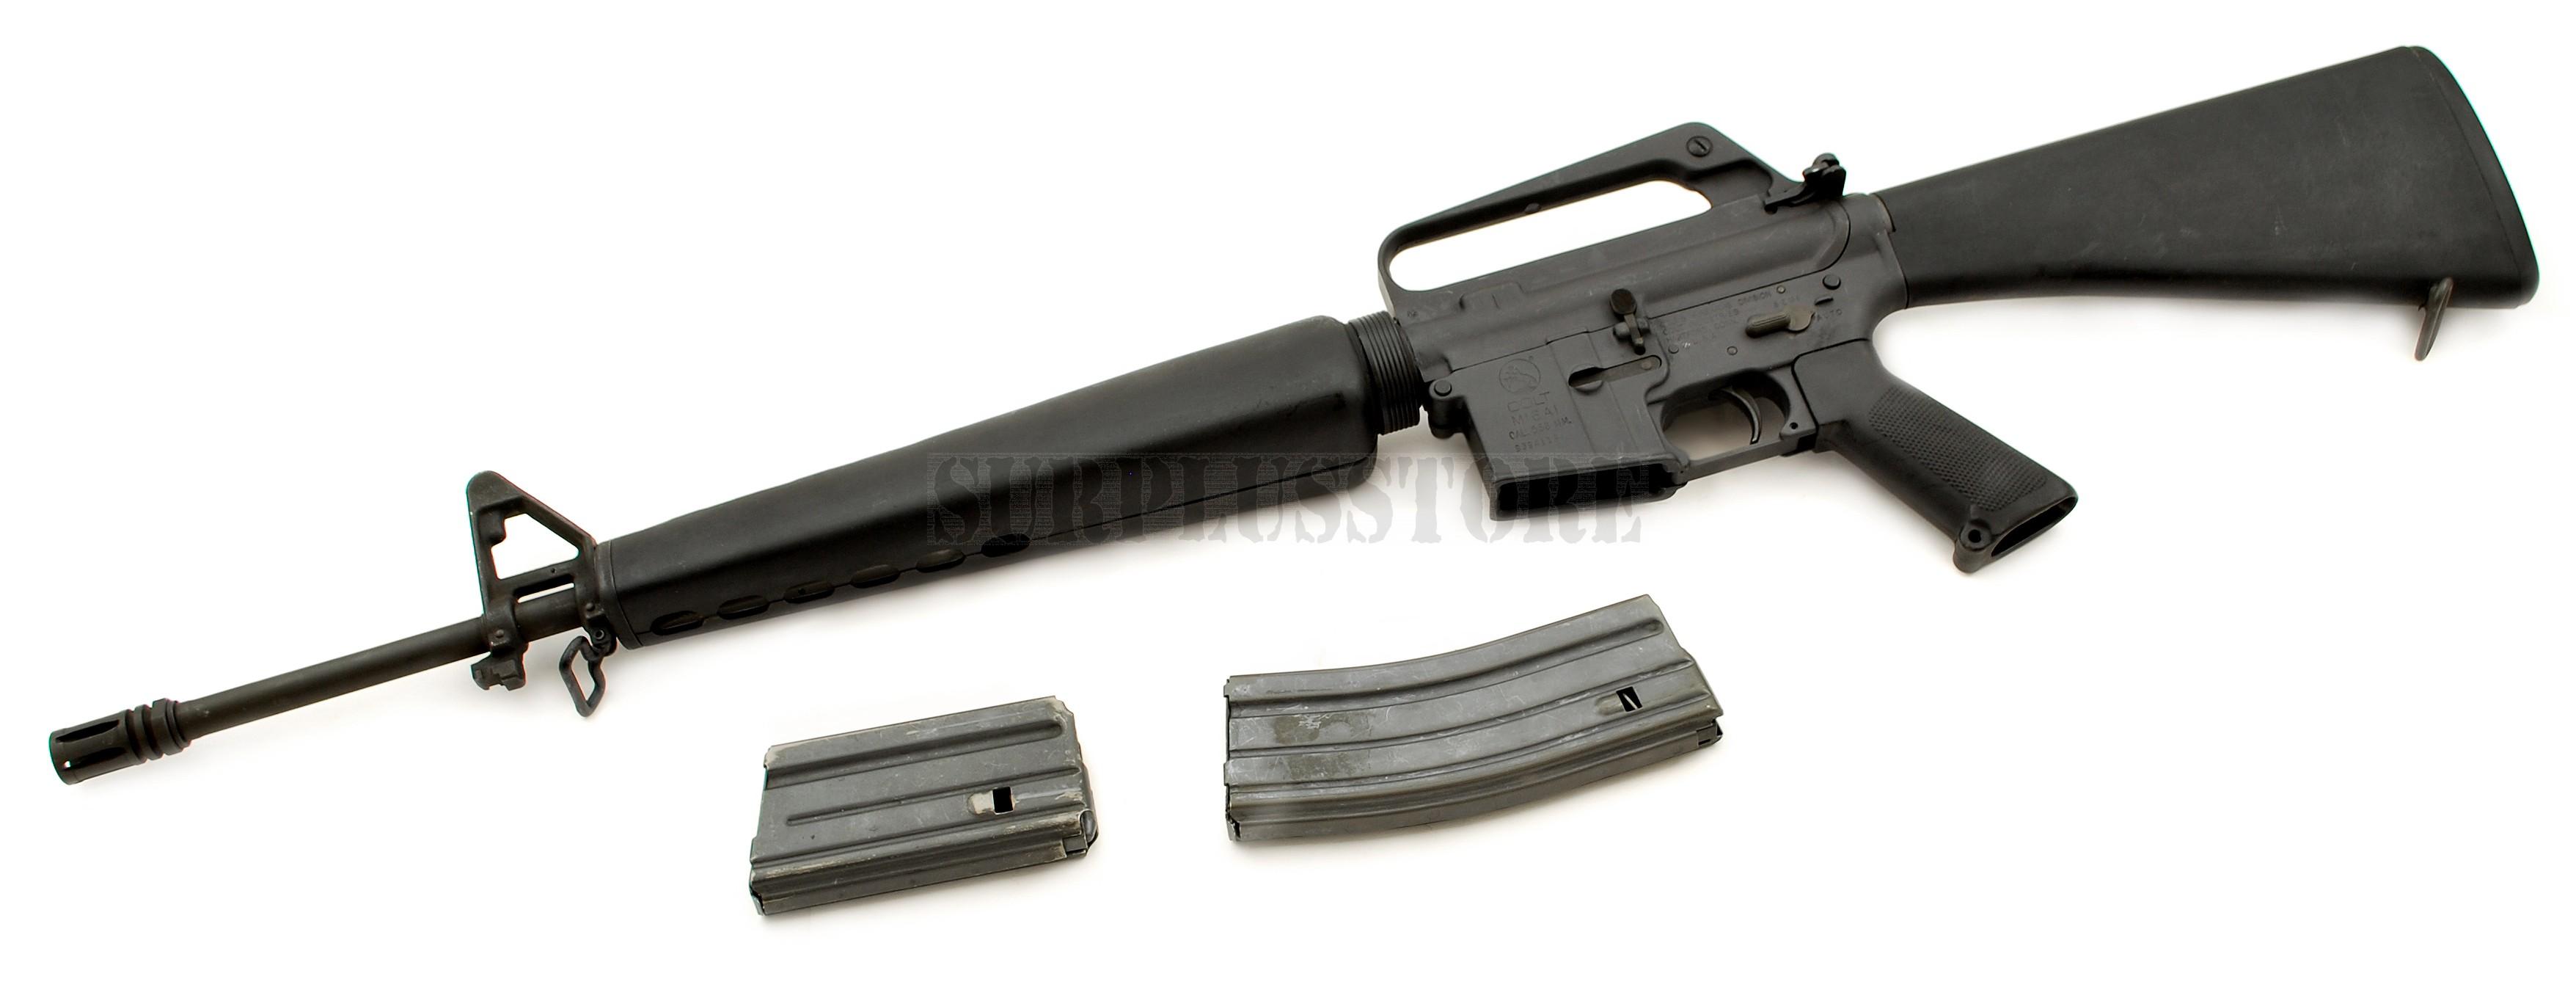 Deactivated Guns Glock17 M16a1 Maxim Surplus Store Surplus Store